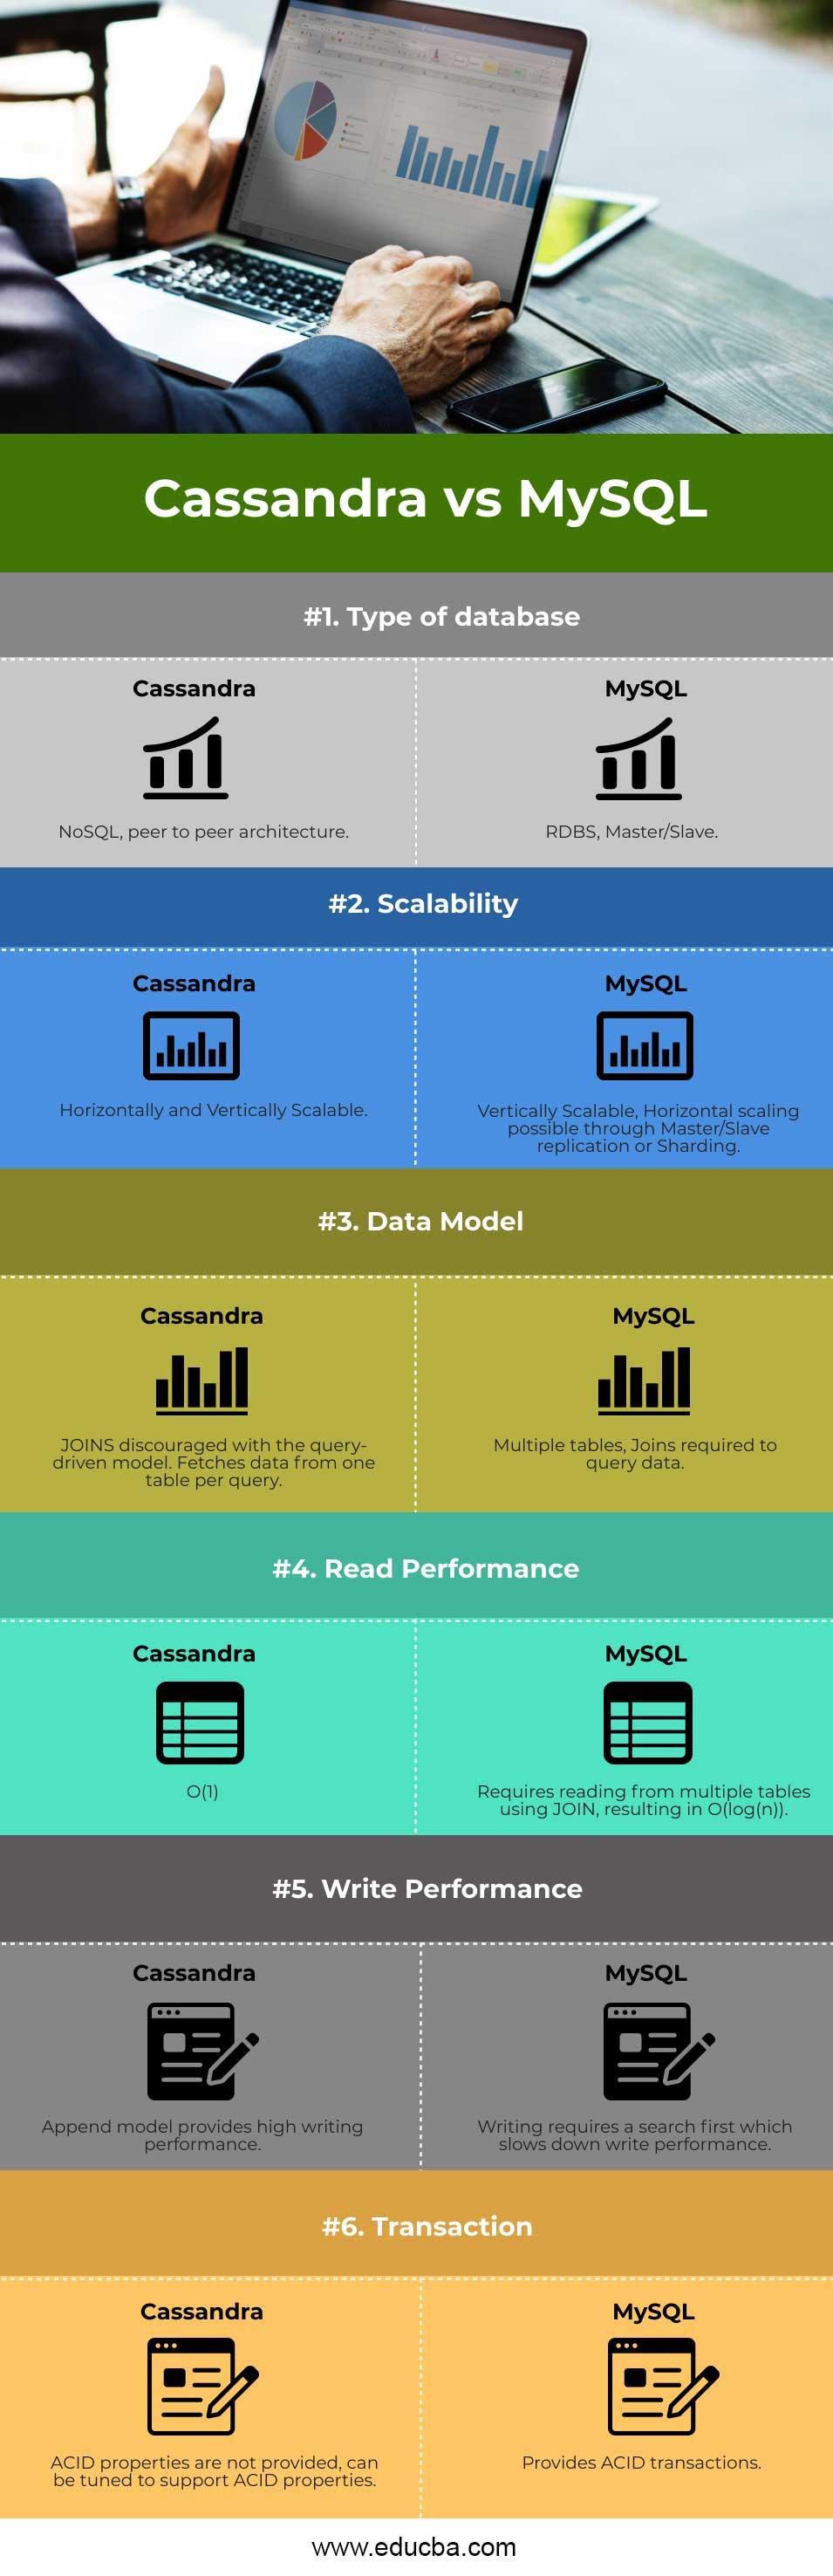 Cassandra-vs-MySQL-info